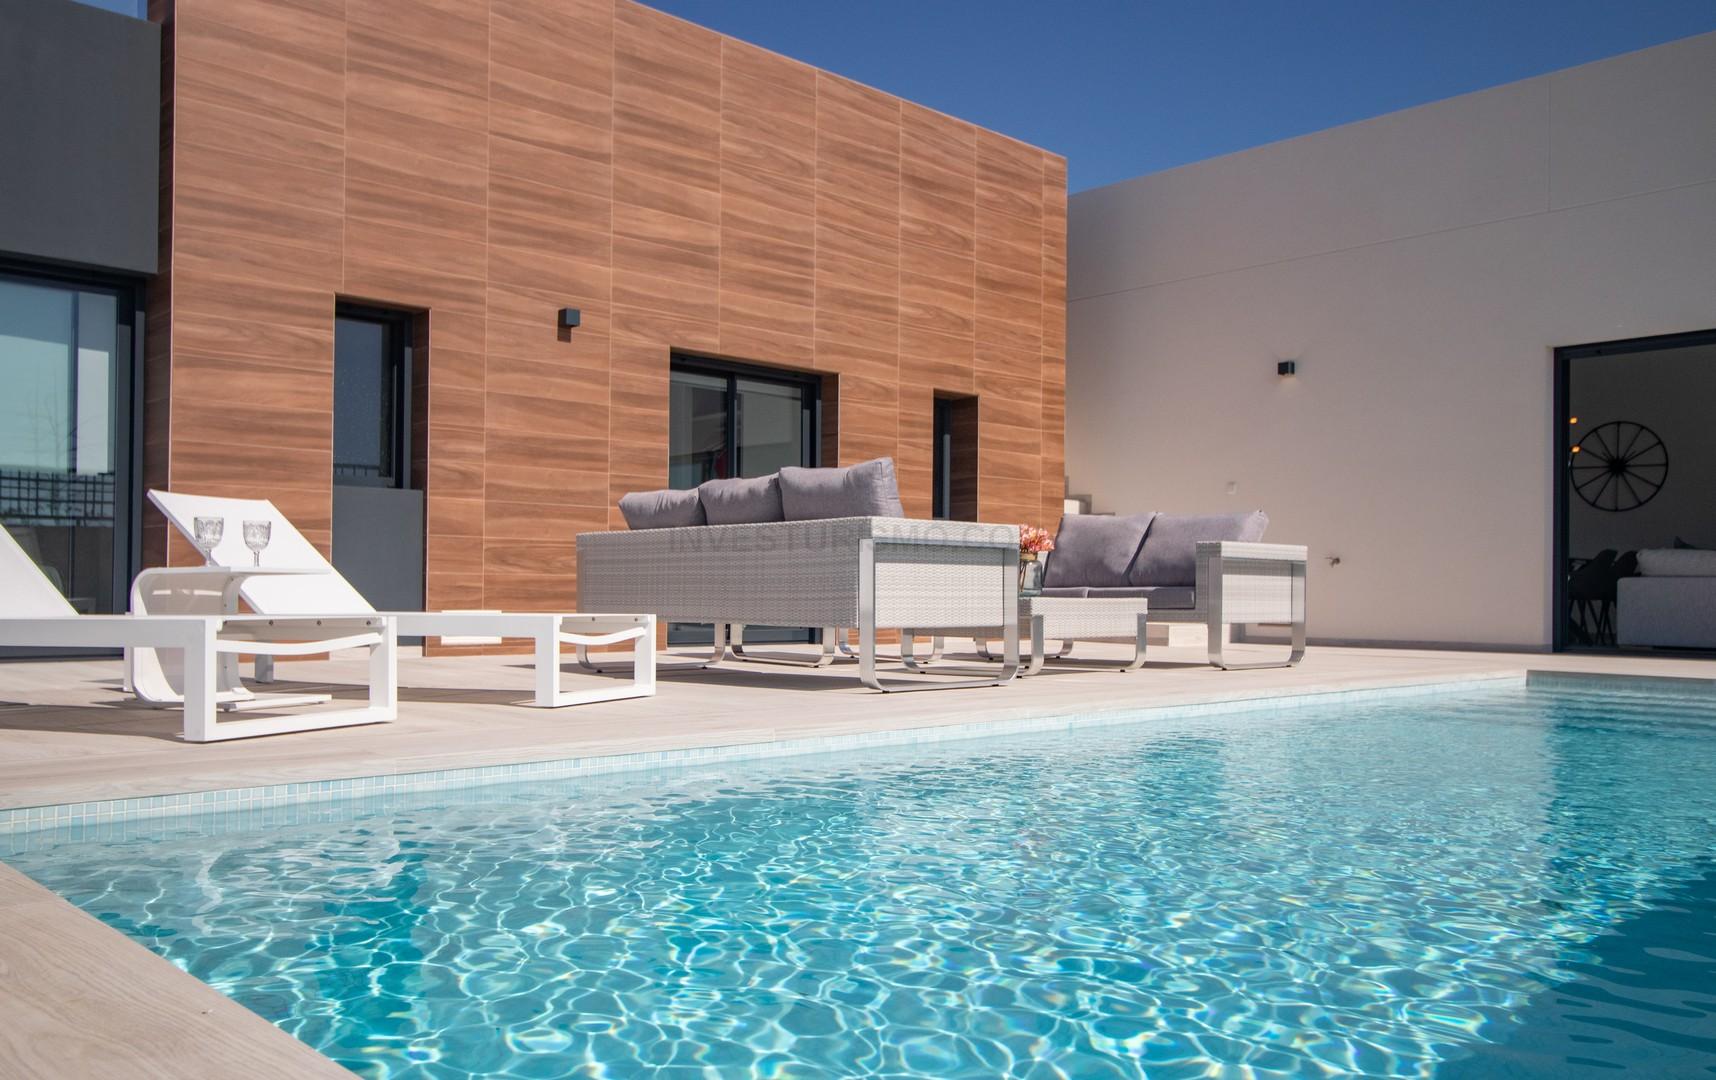 New build Villas 3 bedrooms and 2 bathrooms in Algorfa